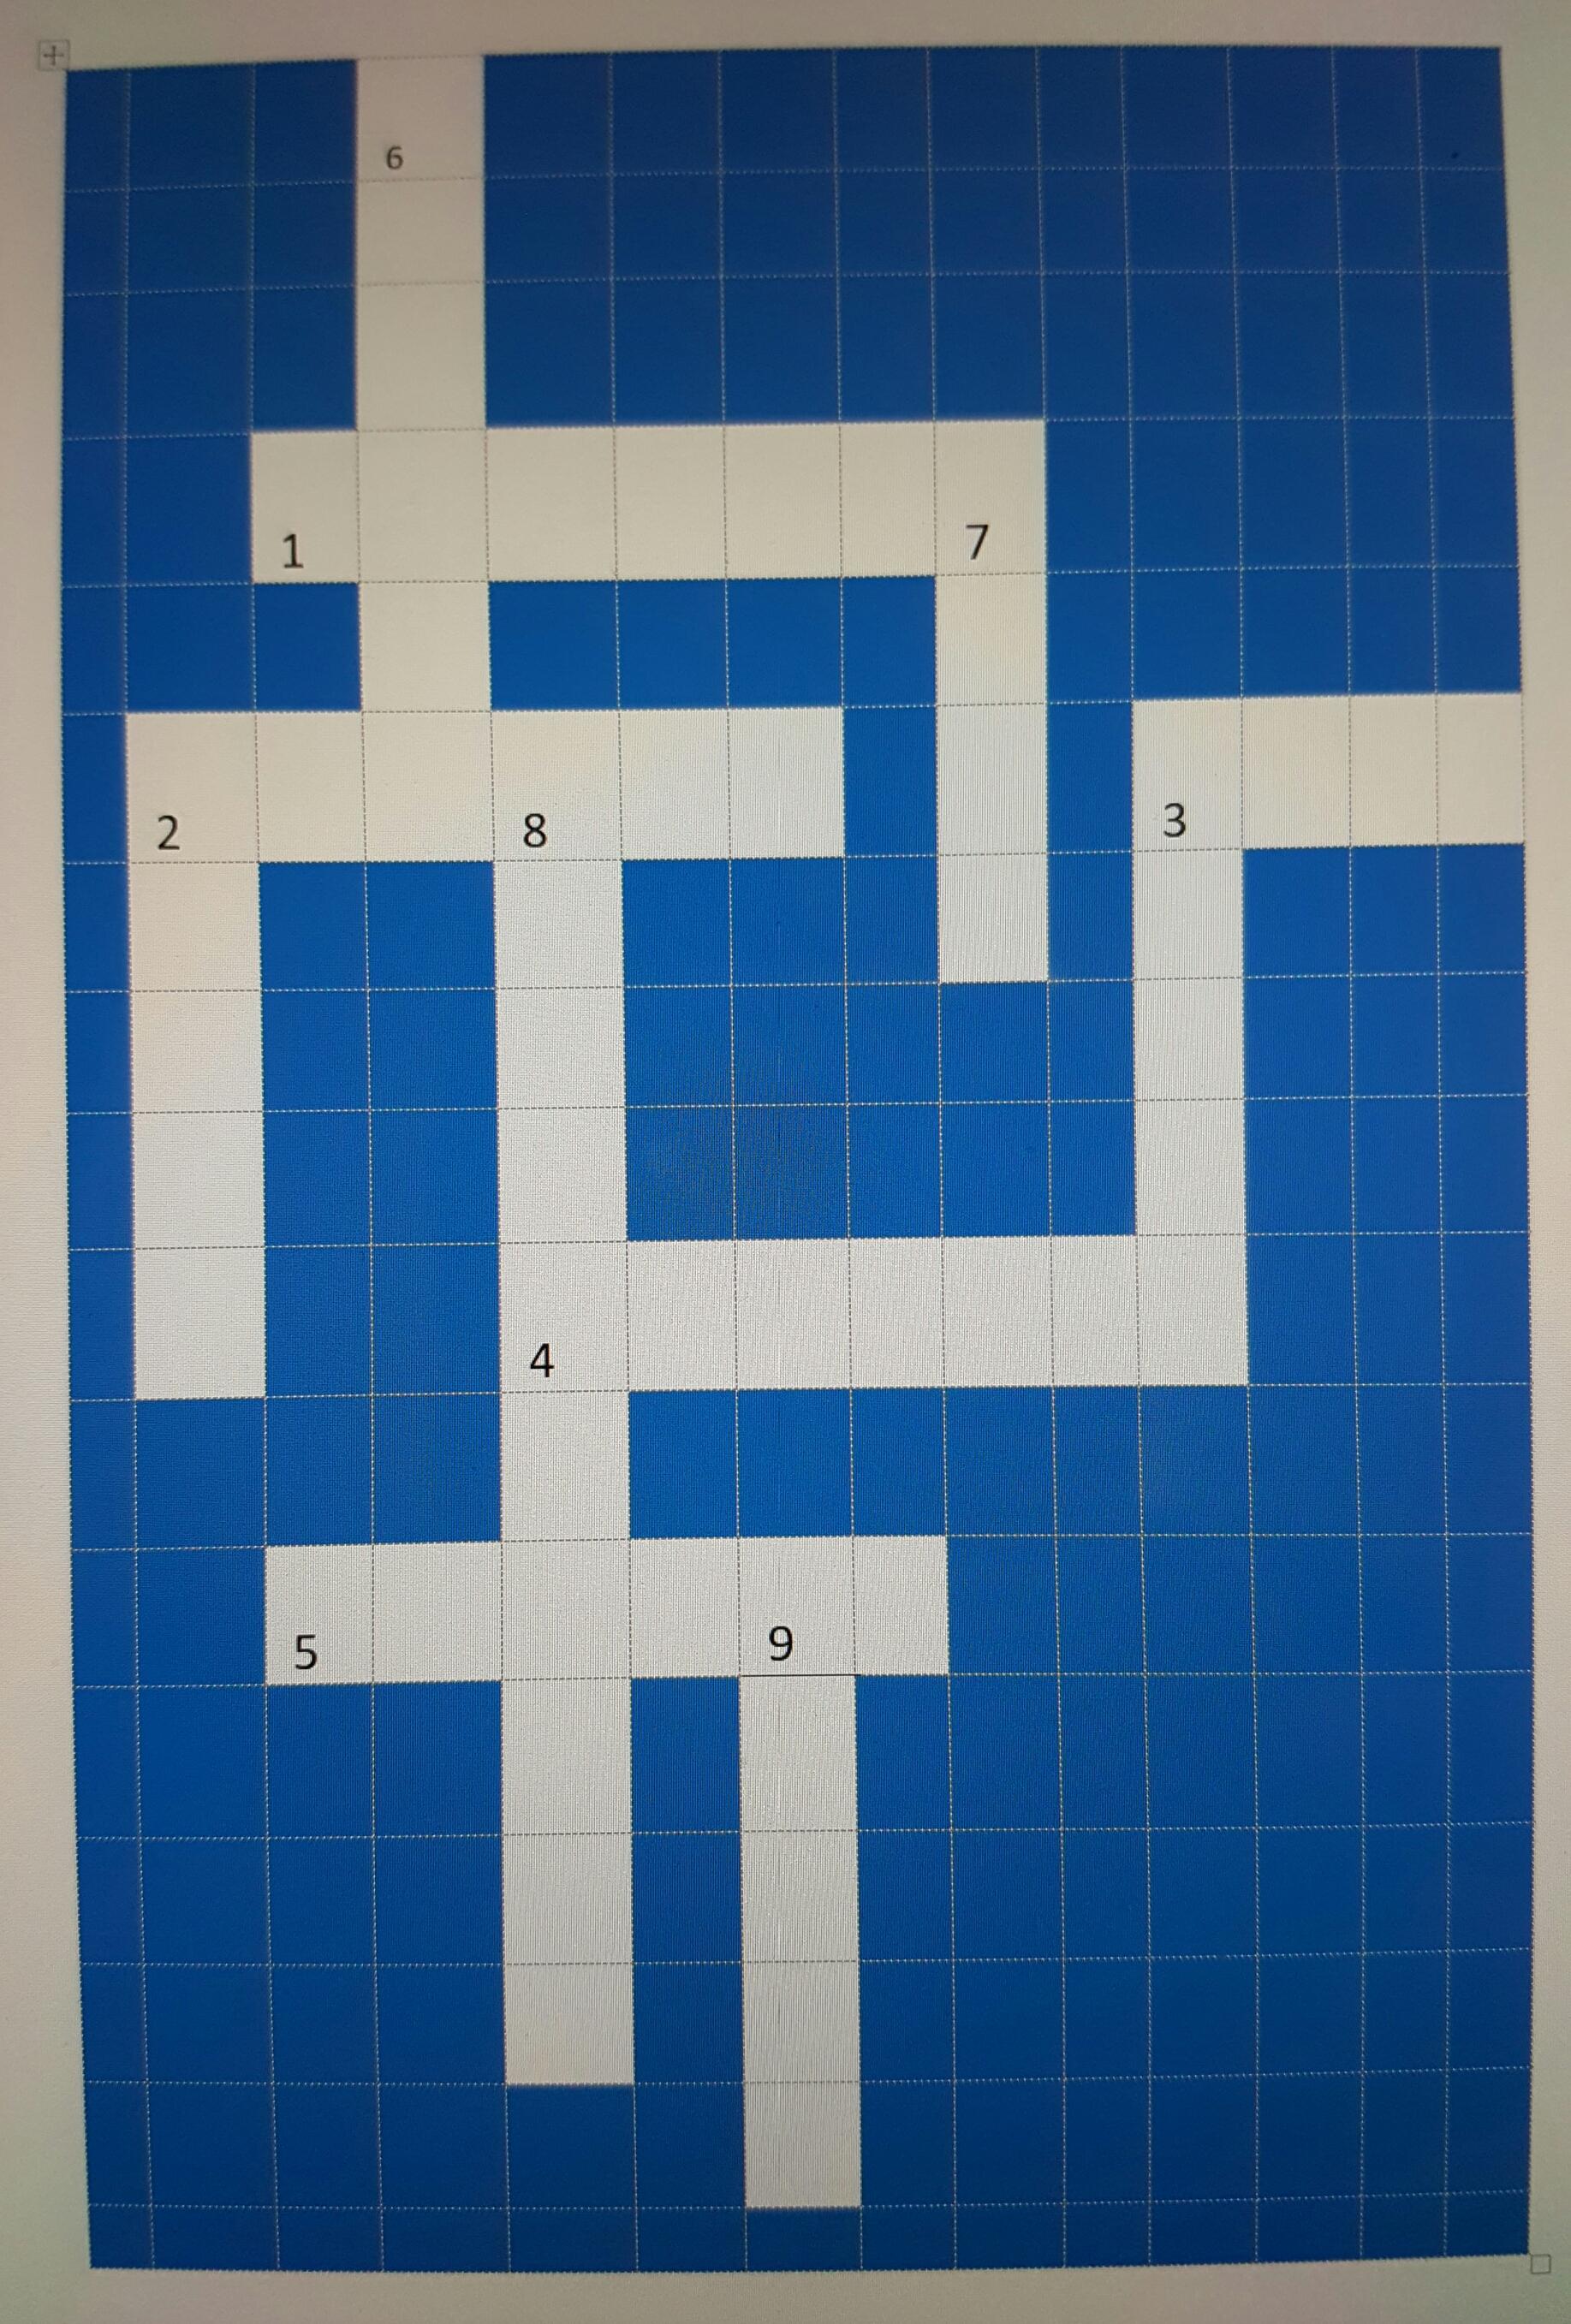 blank-crossword